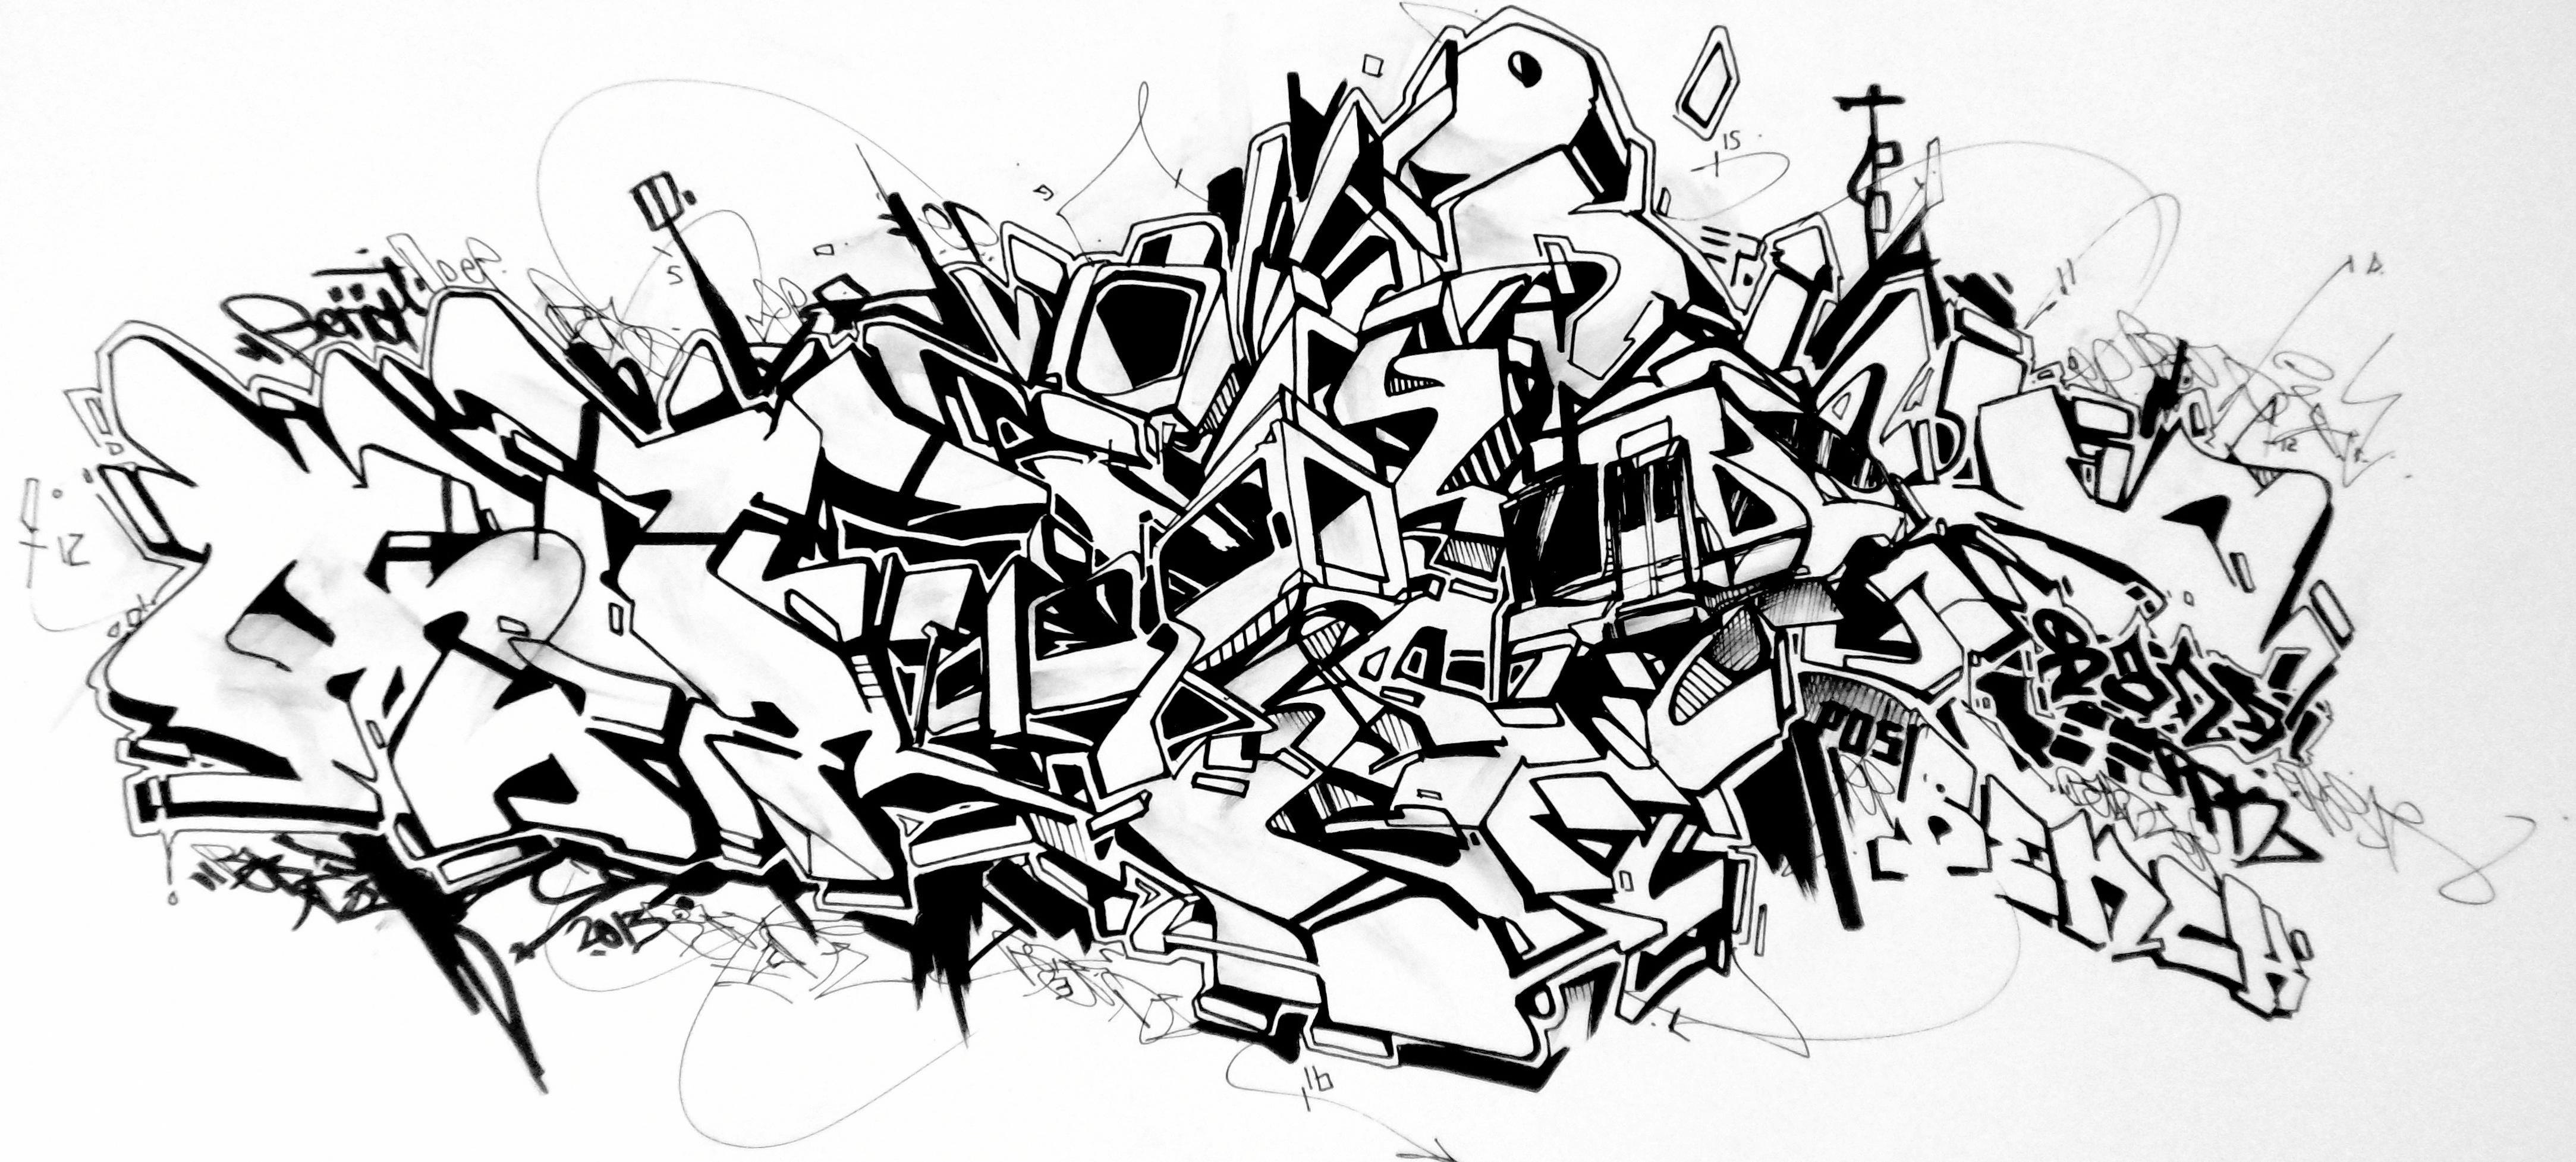 abstract graffiti sketch - Dessin Graffiti